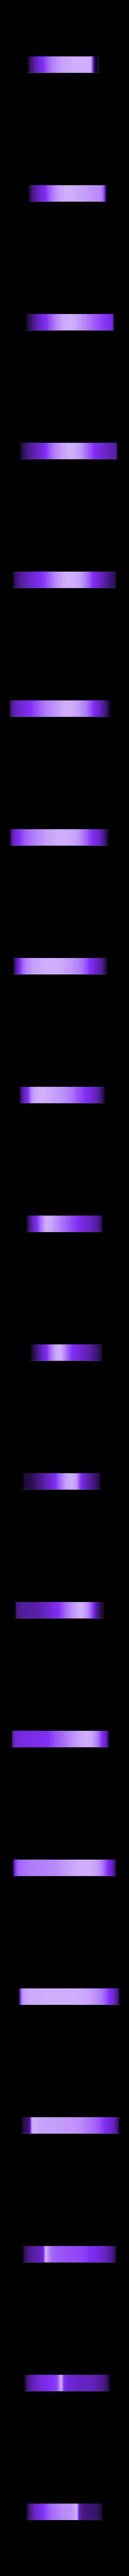 Red_3.stl Download free STL file Coca Cola sign Dual color • 3D printer template, B2TM